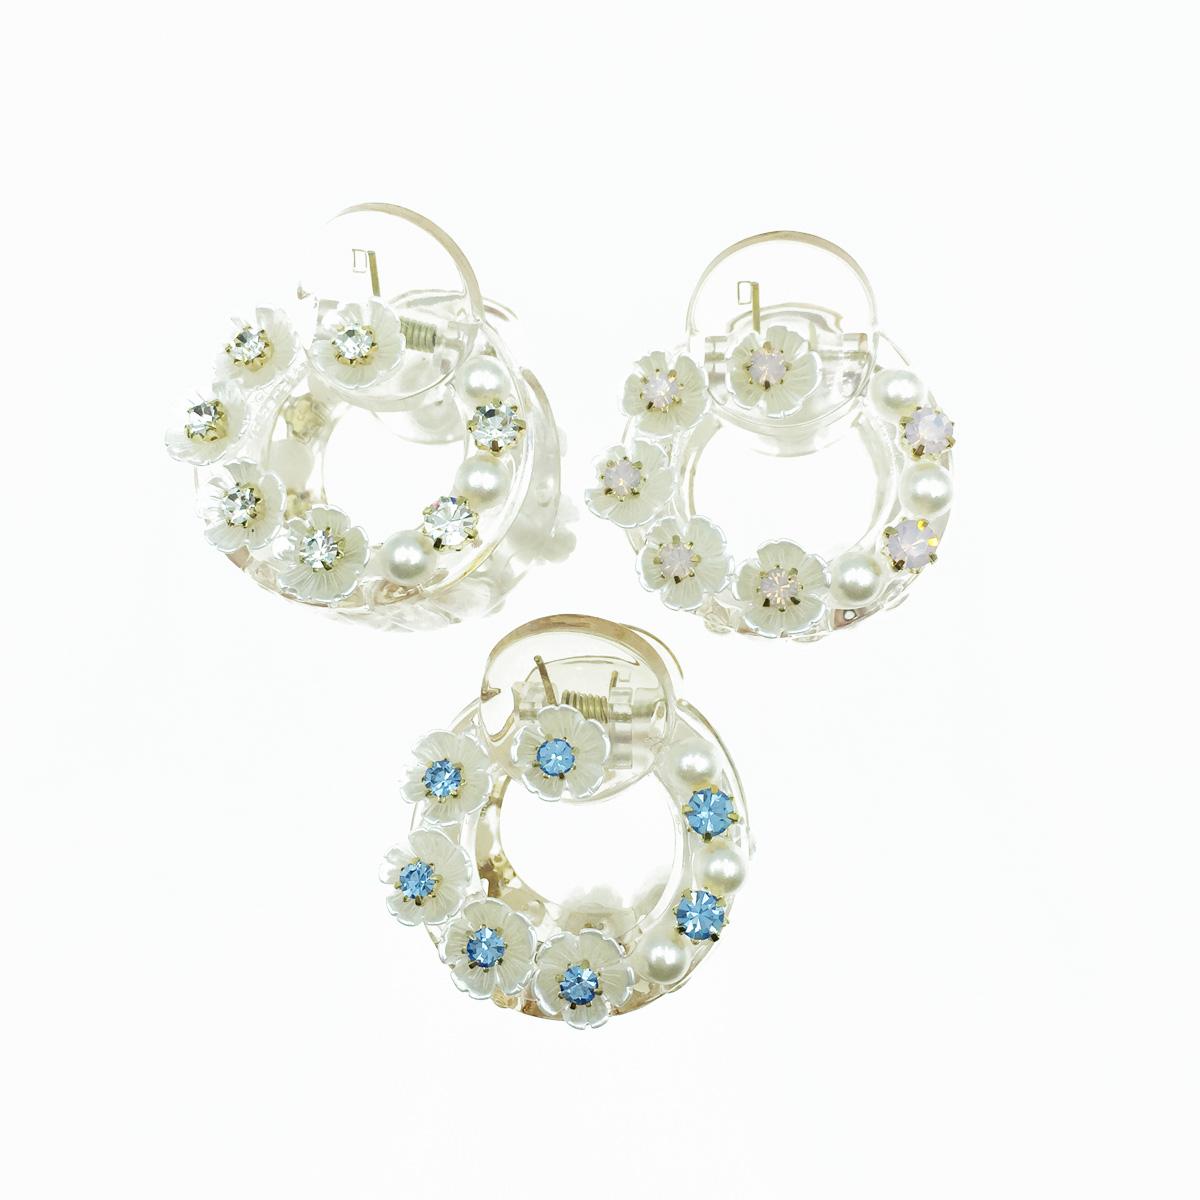 韓國 珍珠花 水鑽 爪鑽 透明感 3色 髮飾 爪夾 髮夾